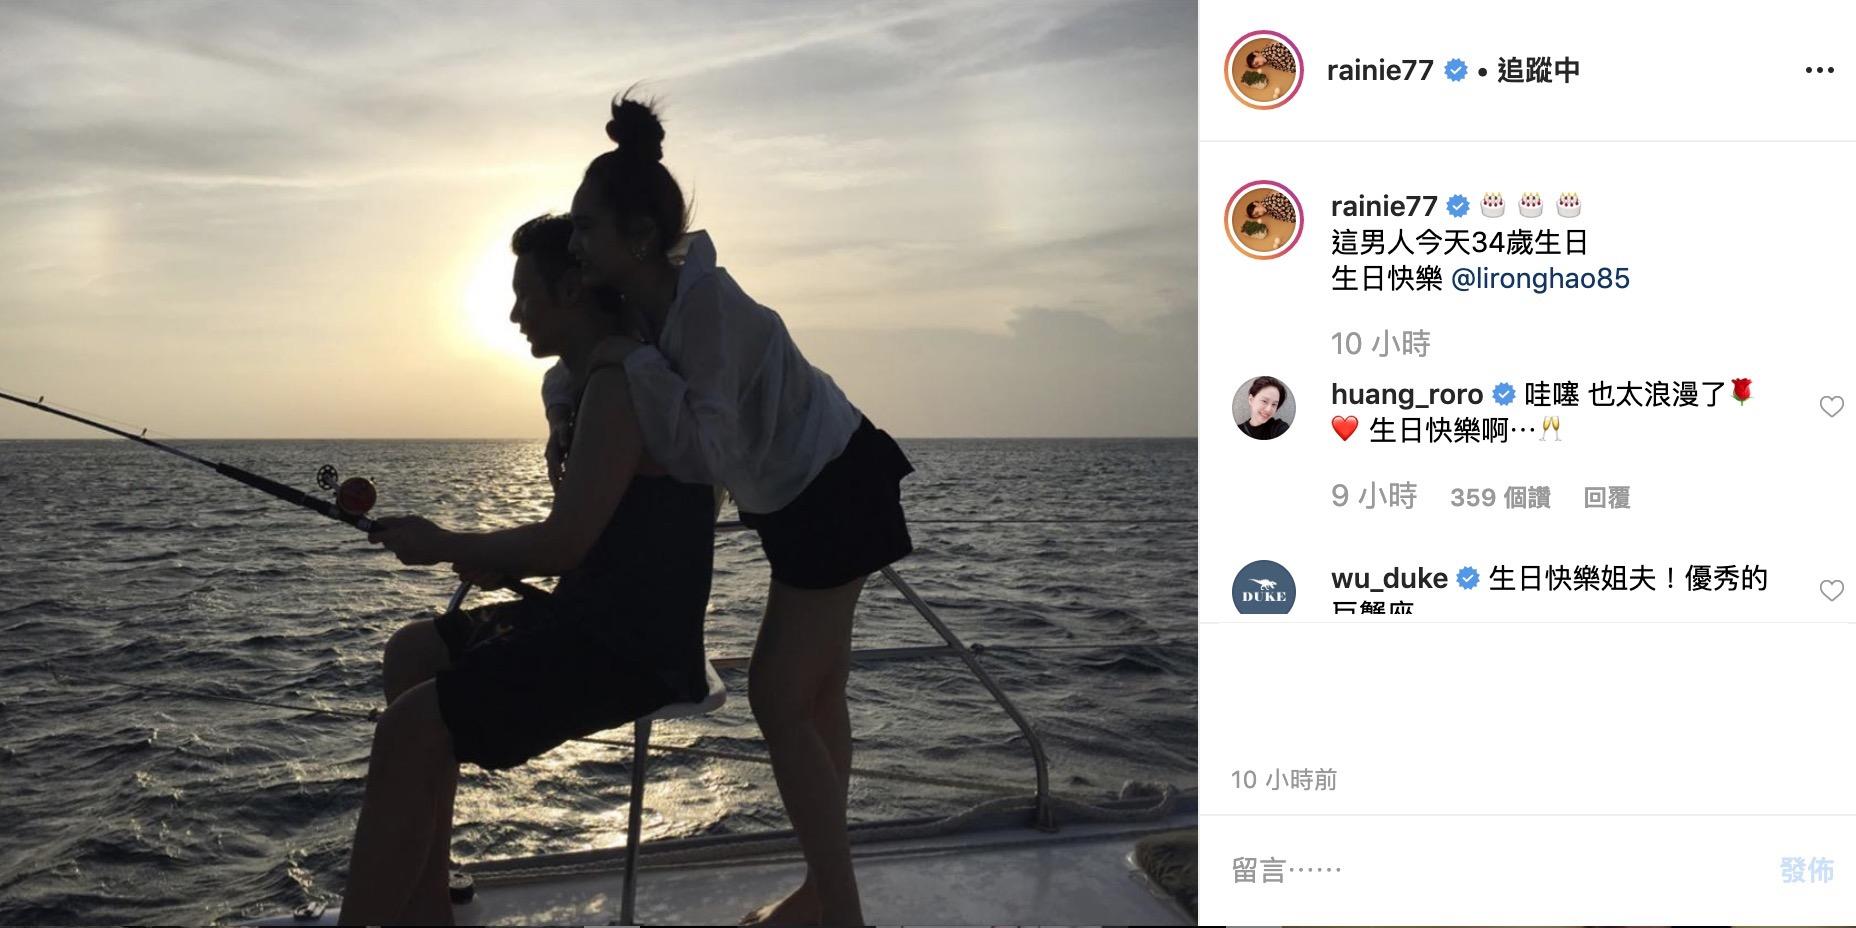 快讯 / 李荣浩「求婚杨丞琳成功」!甜晒「超大颗钻戒」:谢谢你答应我!插图3